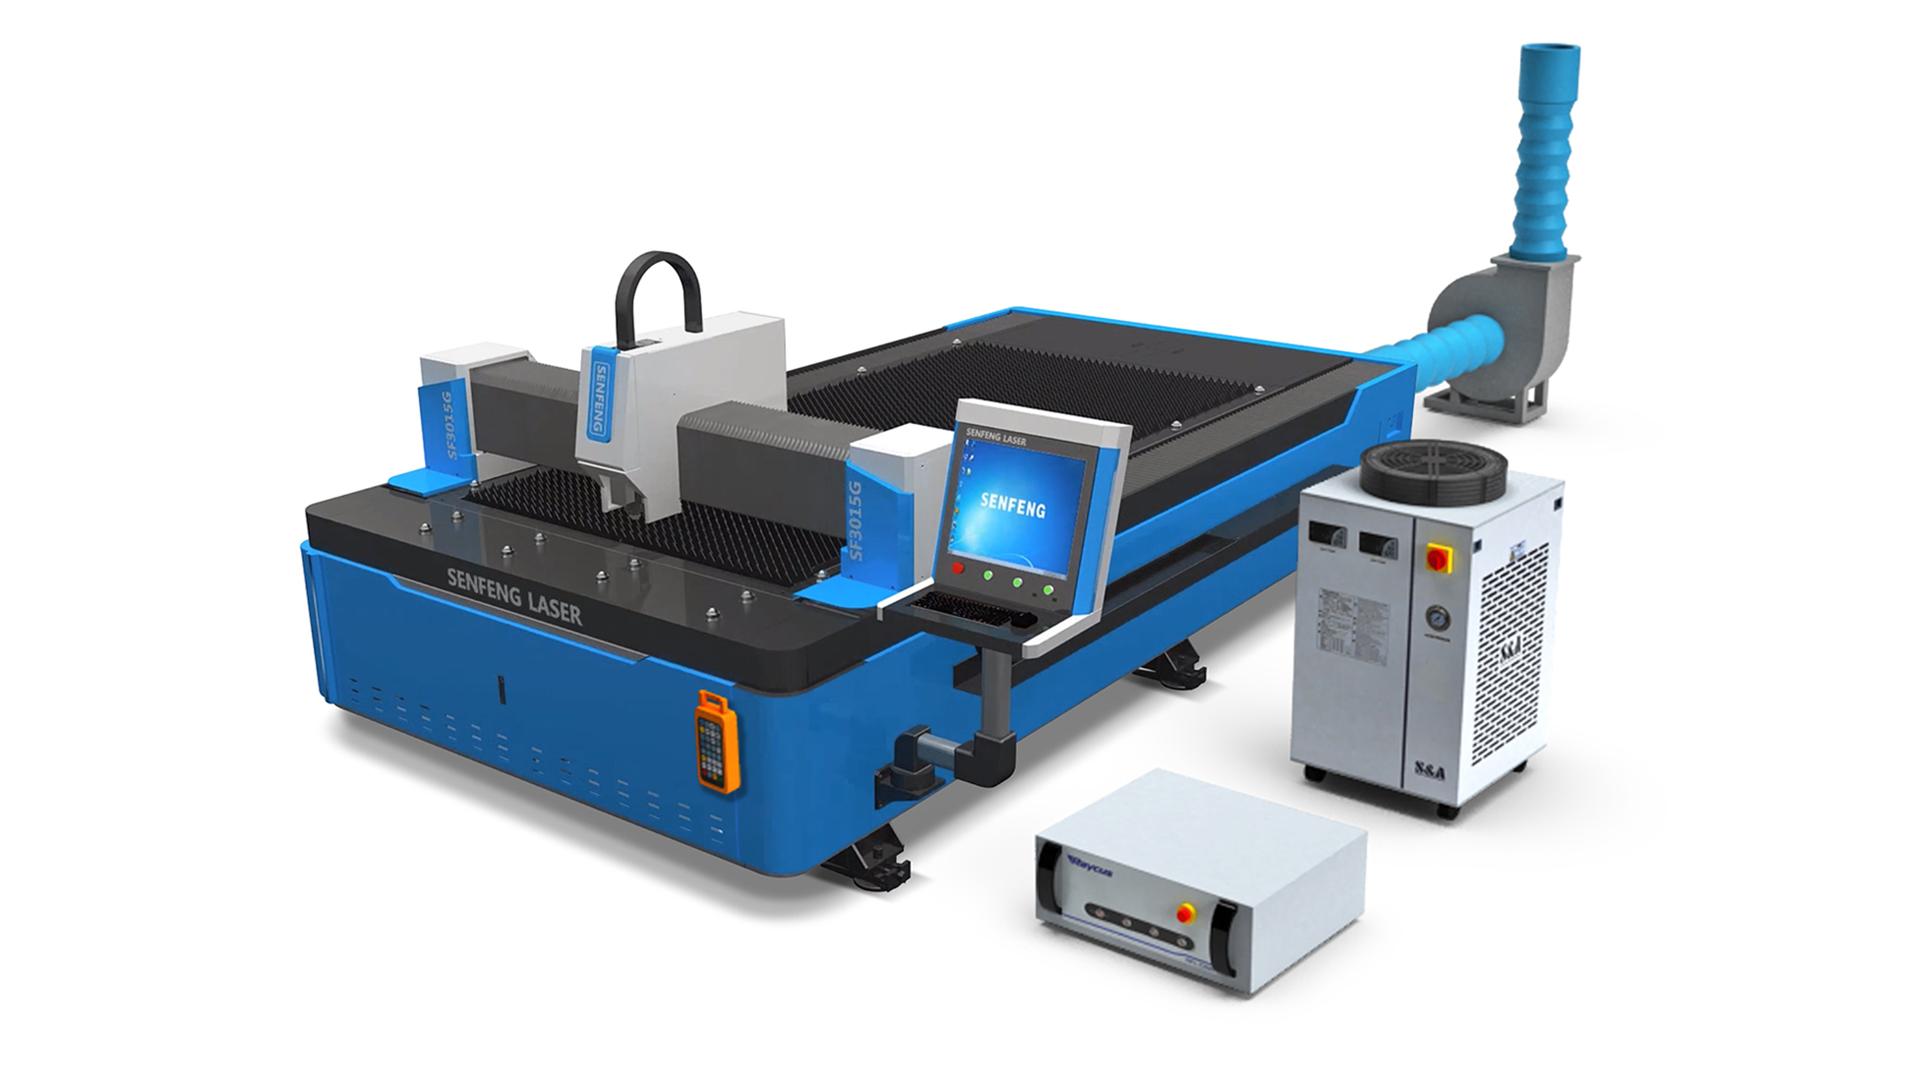 Комплектация волоконного лазерного станка Senfeng SF3015G